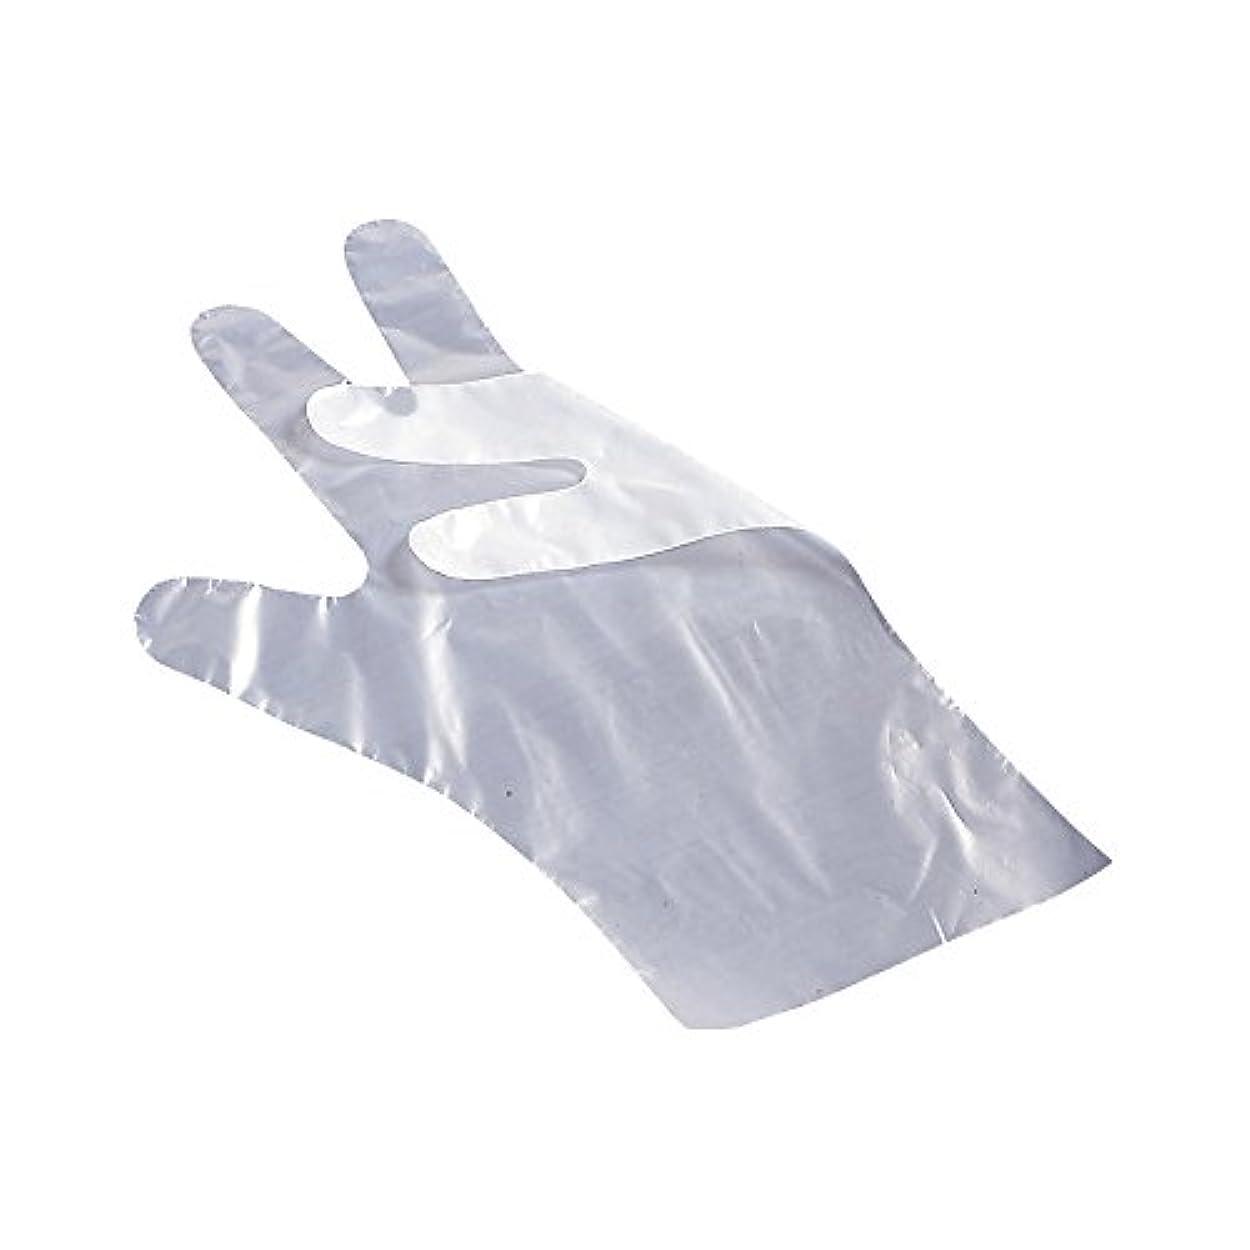 用語集定義スピーチサクラメンエンボス手袋 デラックス 白 S 100枚入